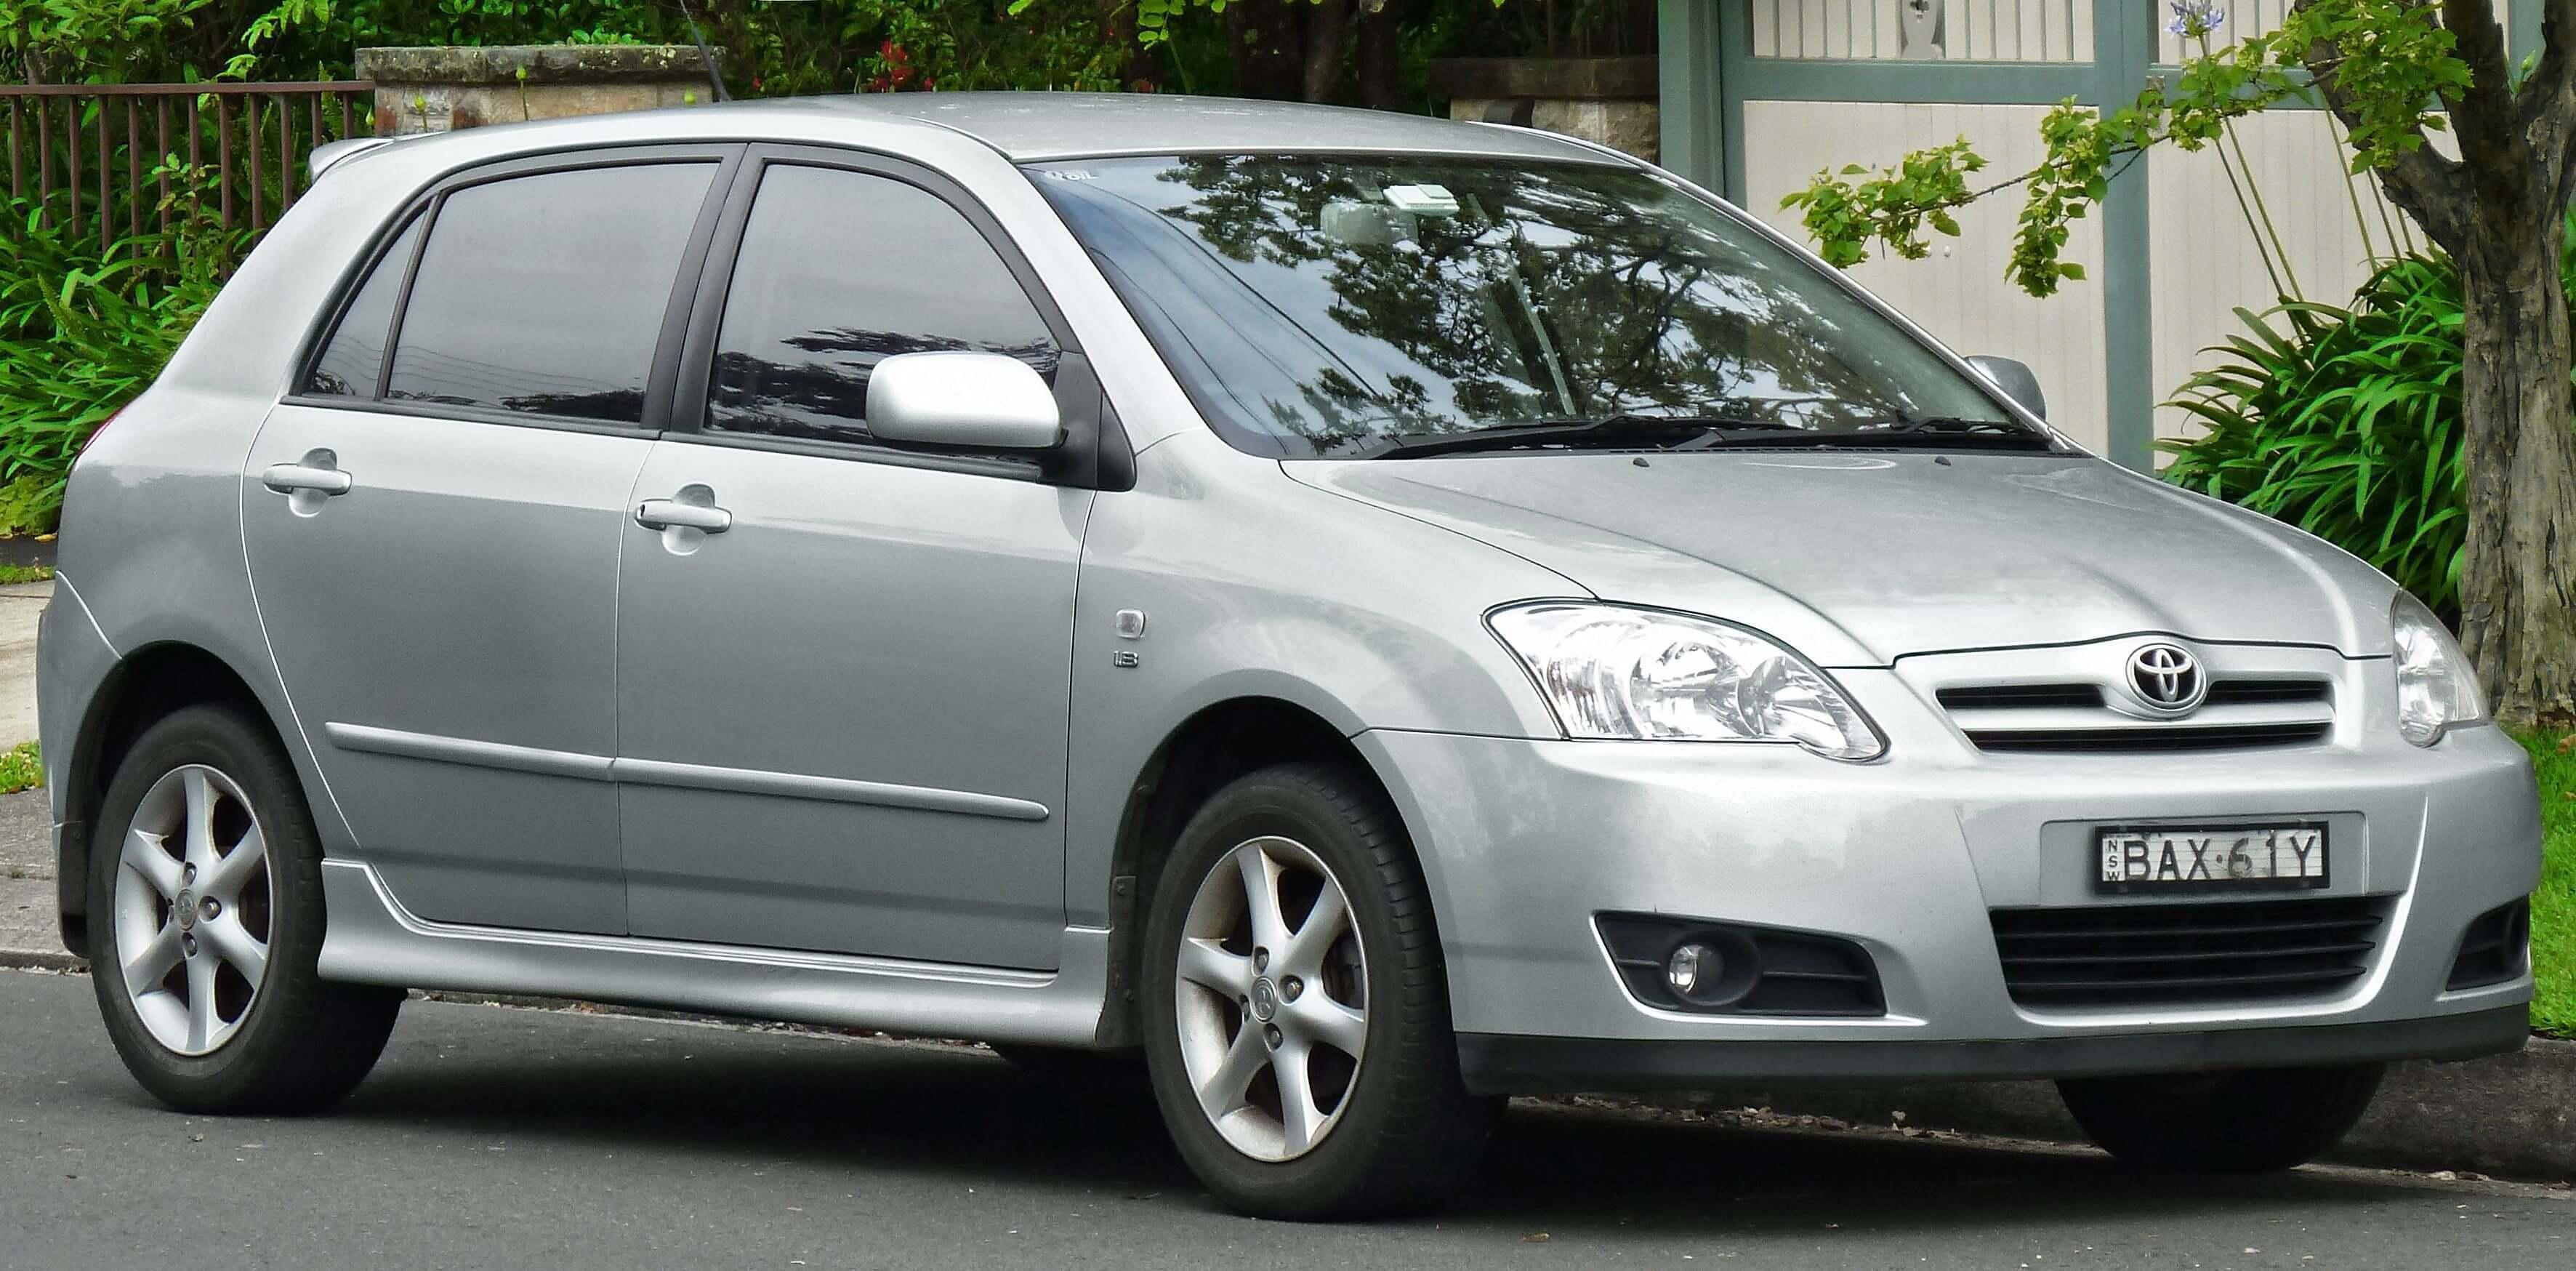 Toyota Corolla HD